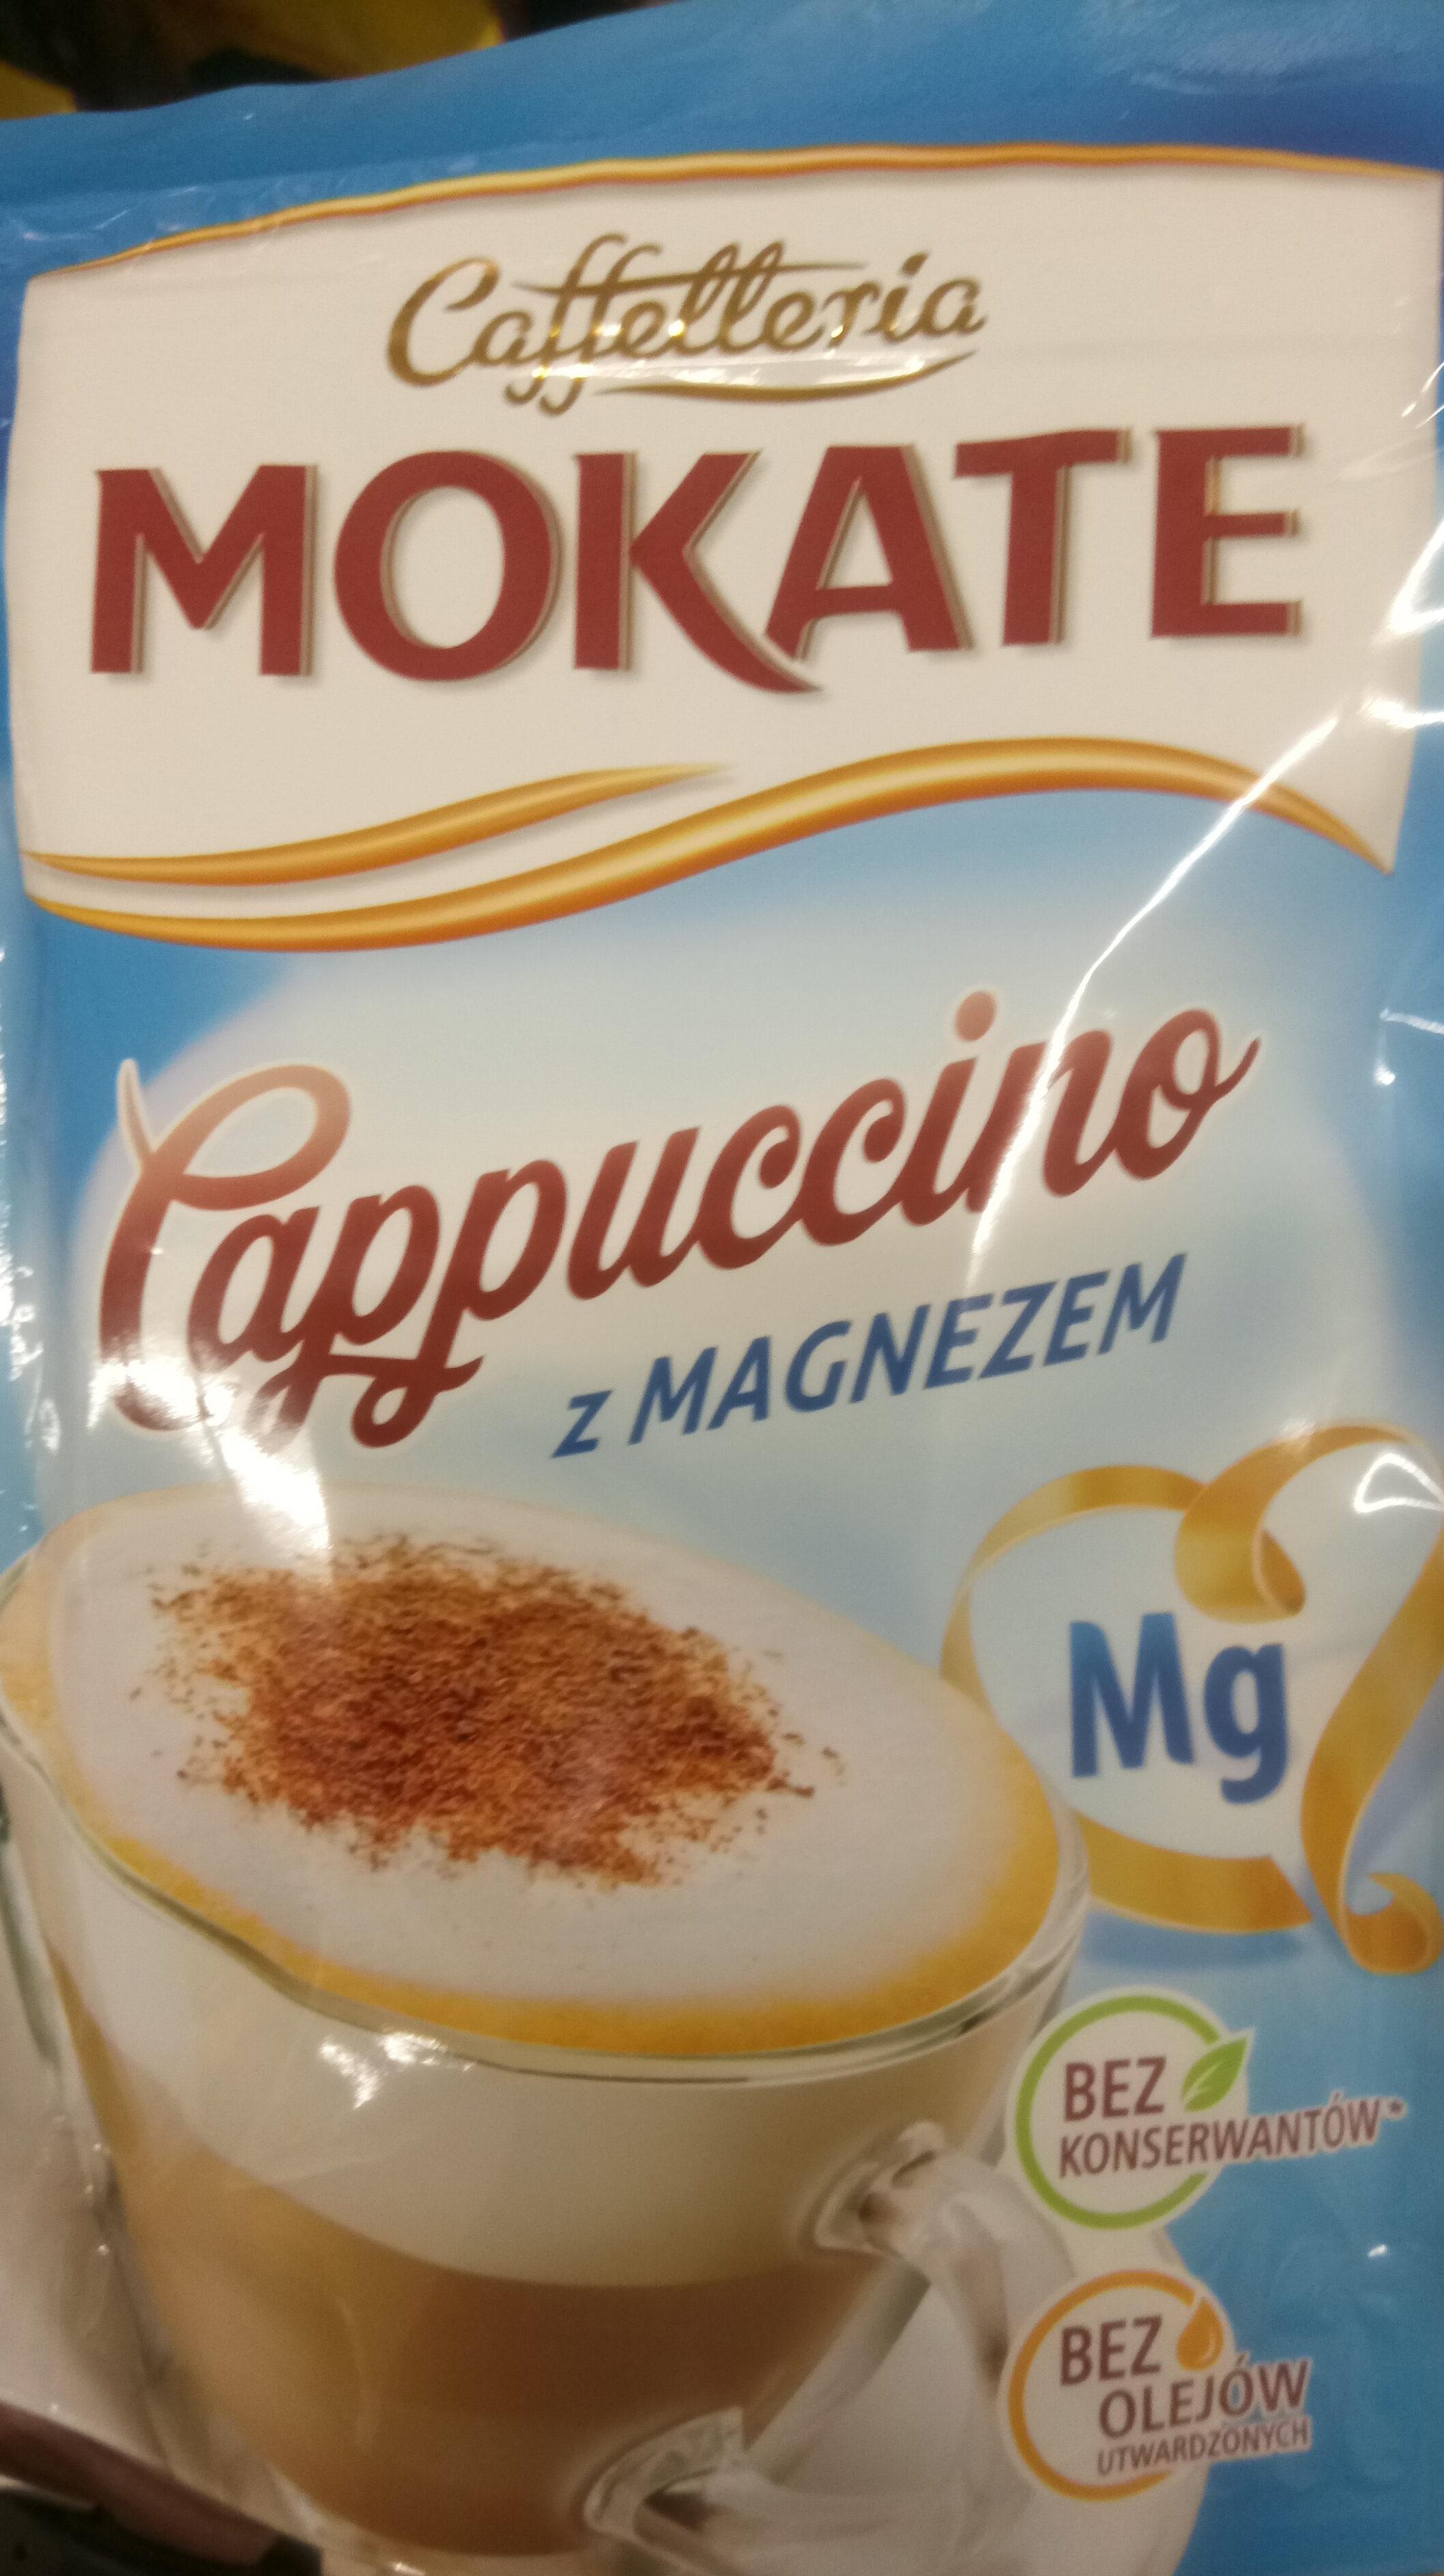 Cappuccino z magnezem - Produkt - pl